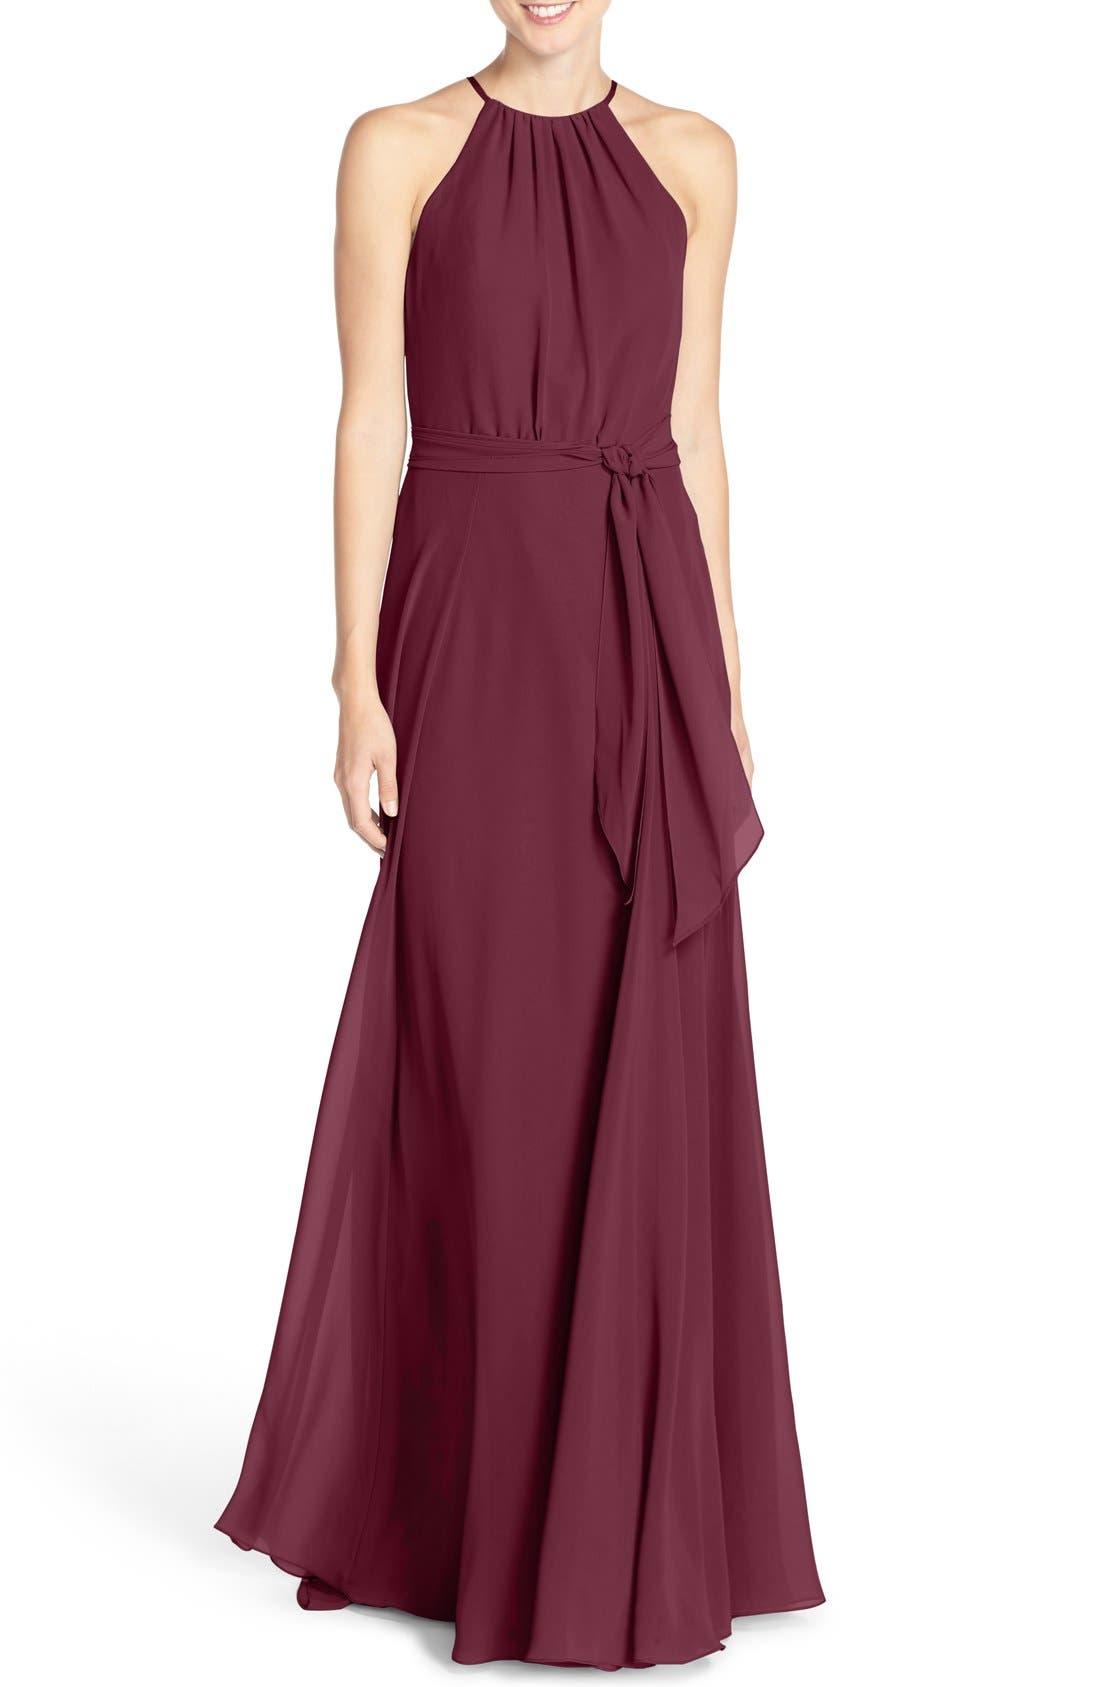 Amsale 'Delaney' Belted A-Line Chiffon Halter Dress